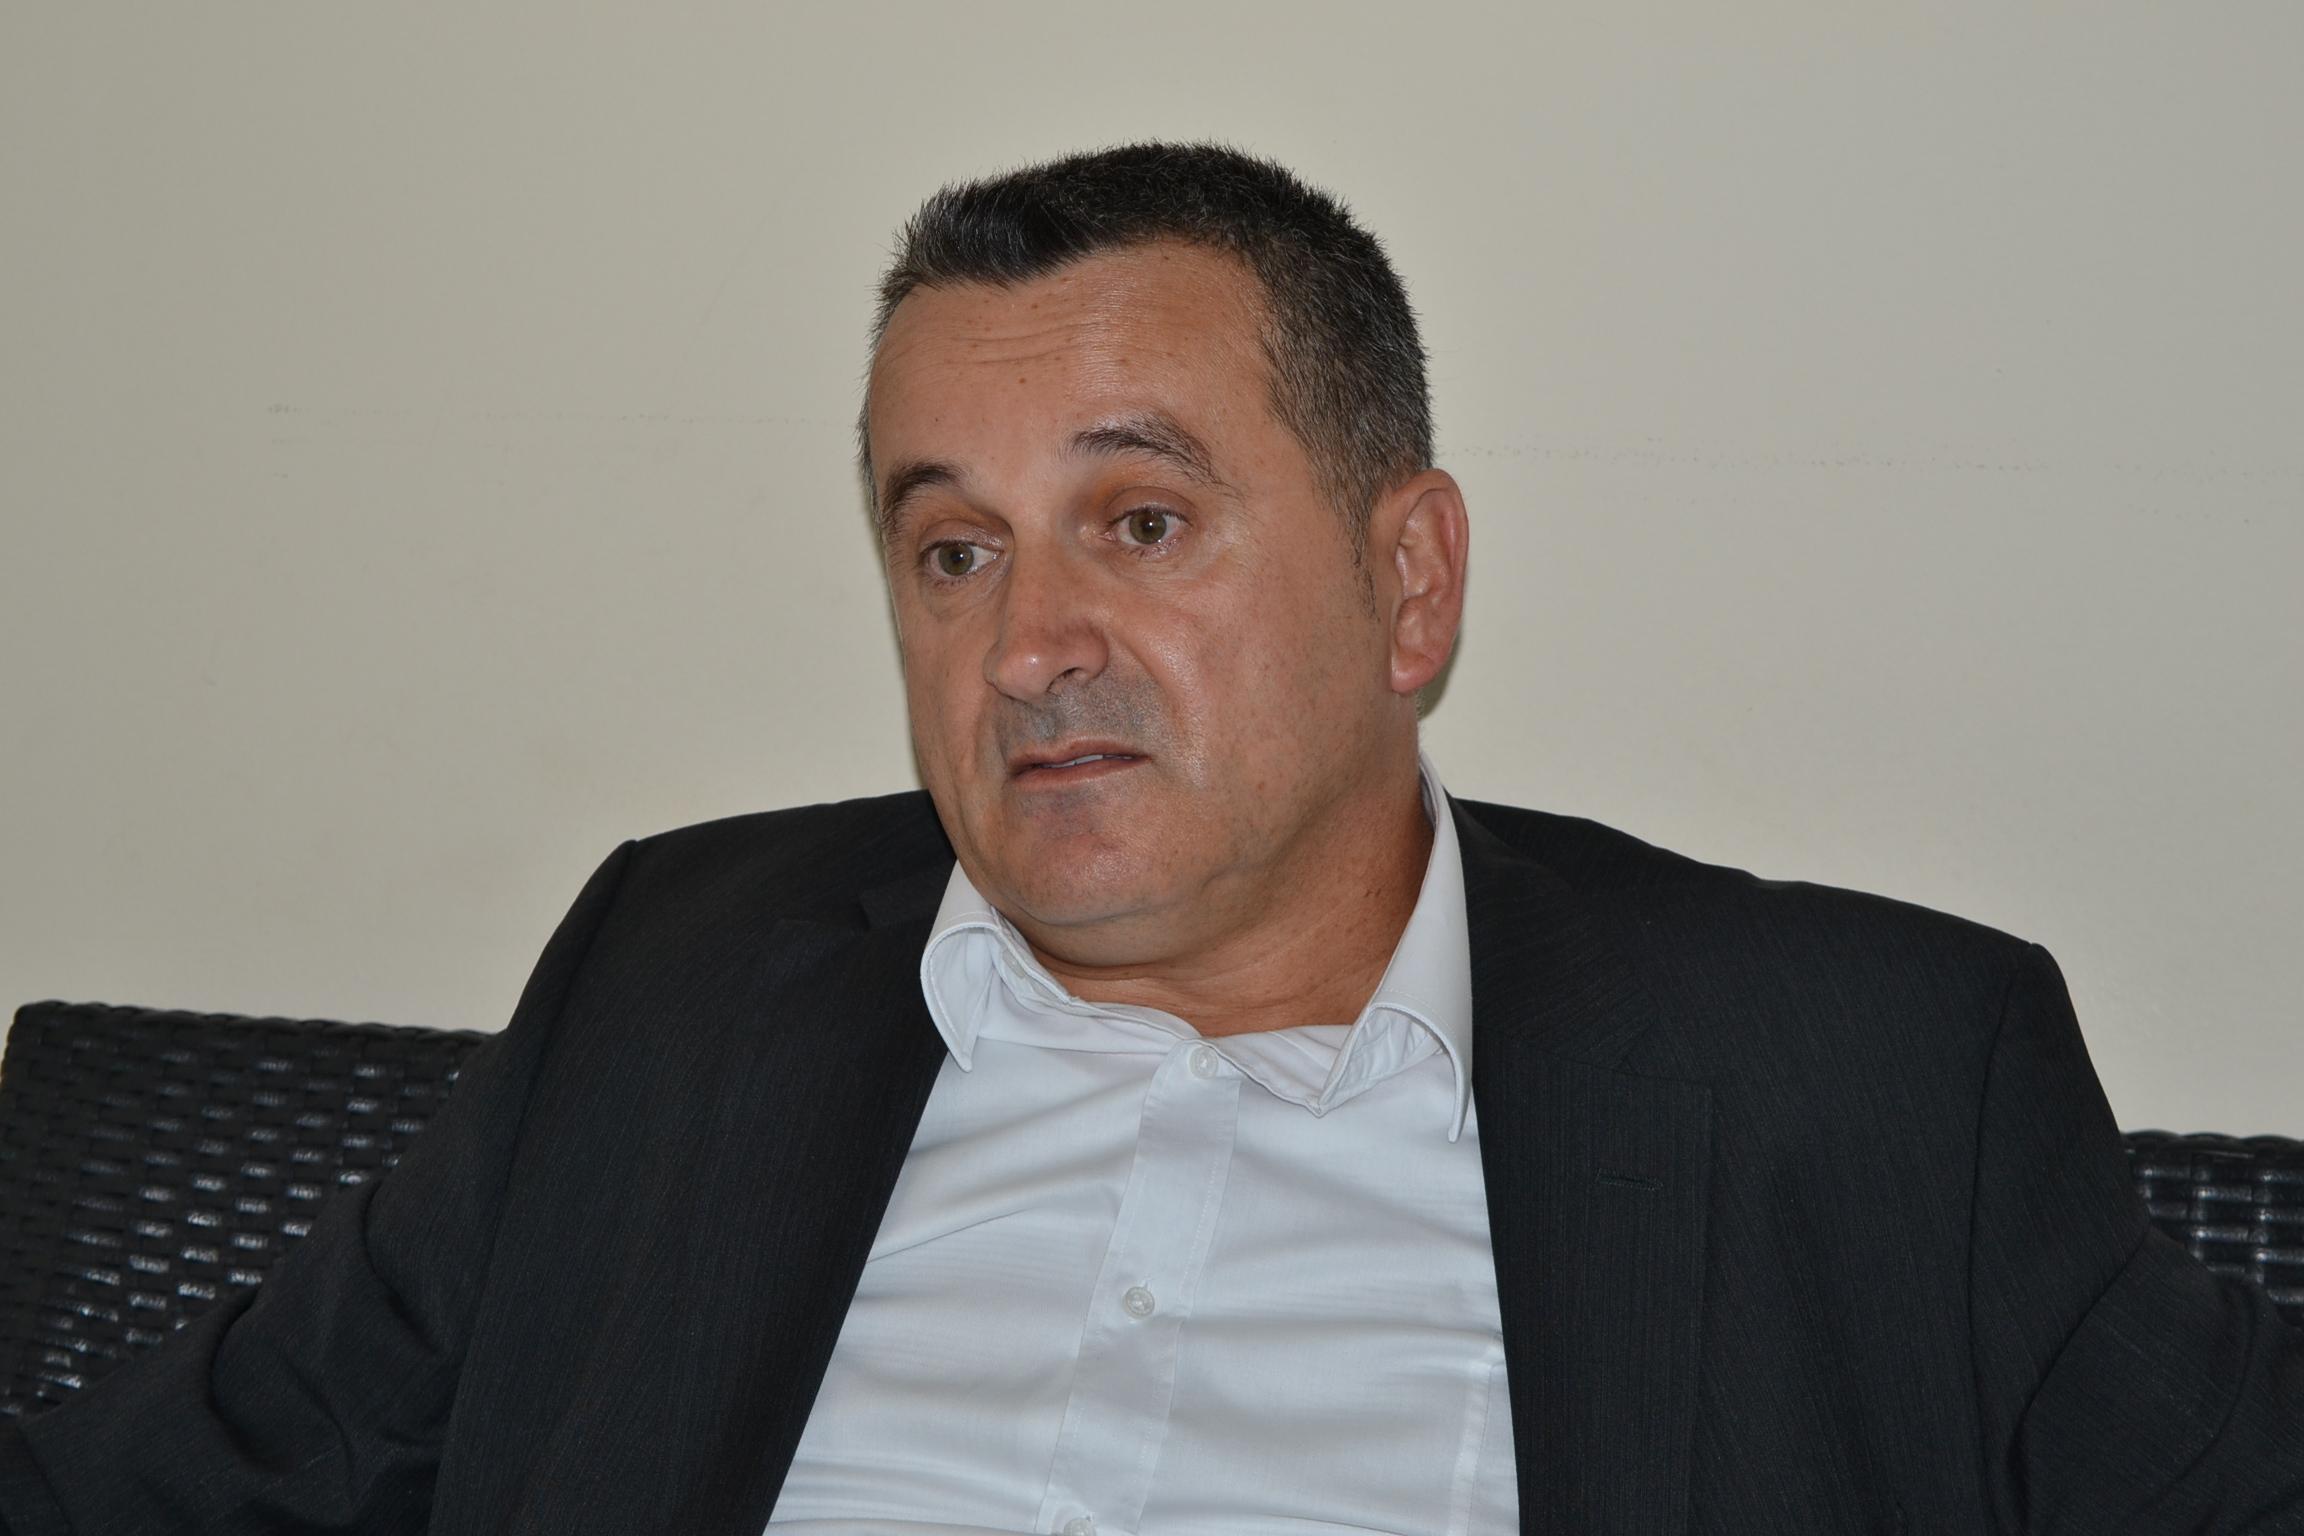 Ministar policije u Tuzli: Samo bi me likvidacijom spriječili u borbi protiv korupcije